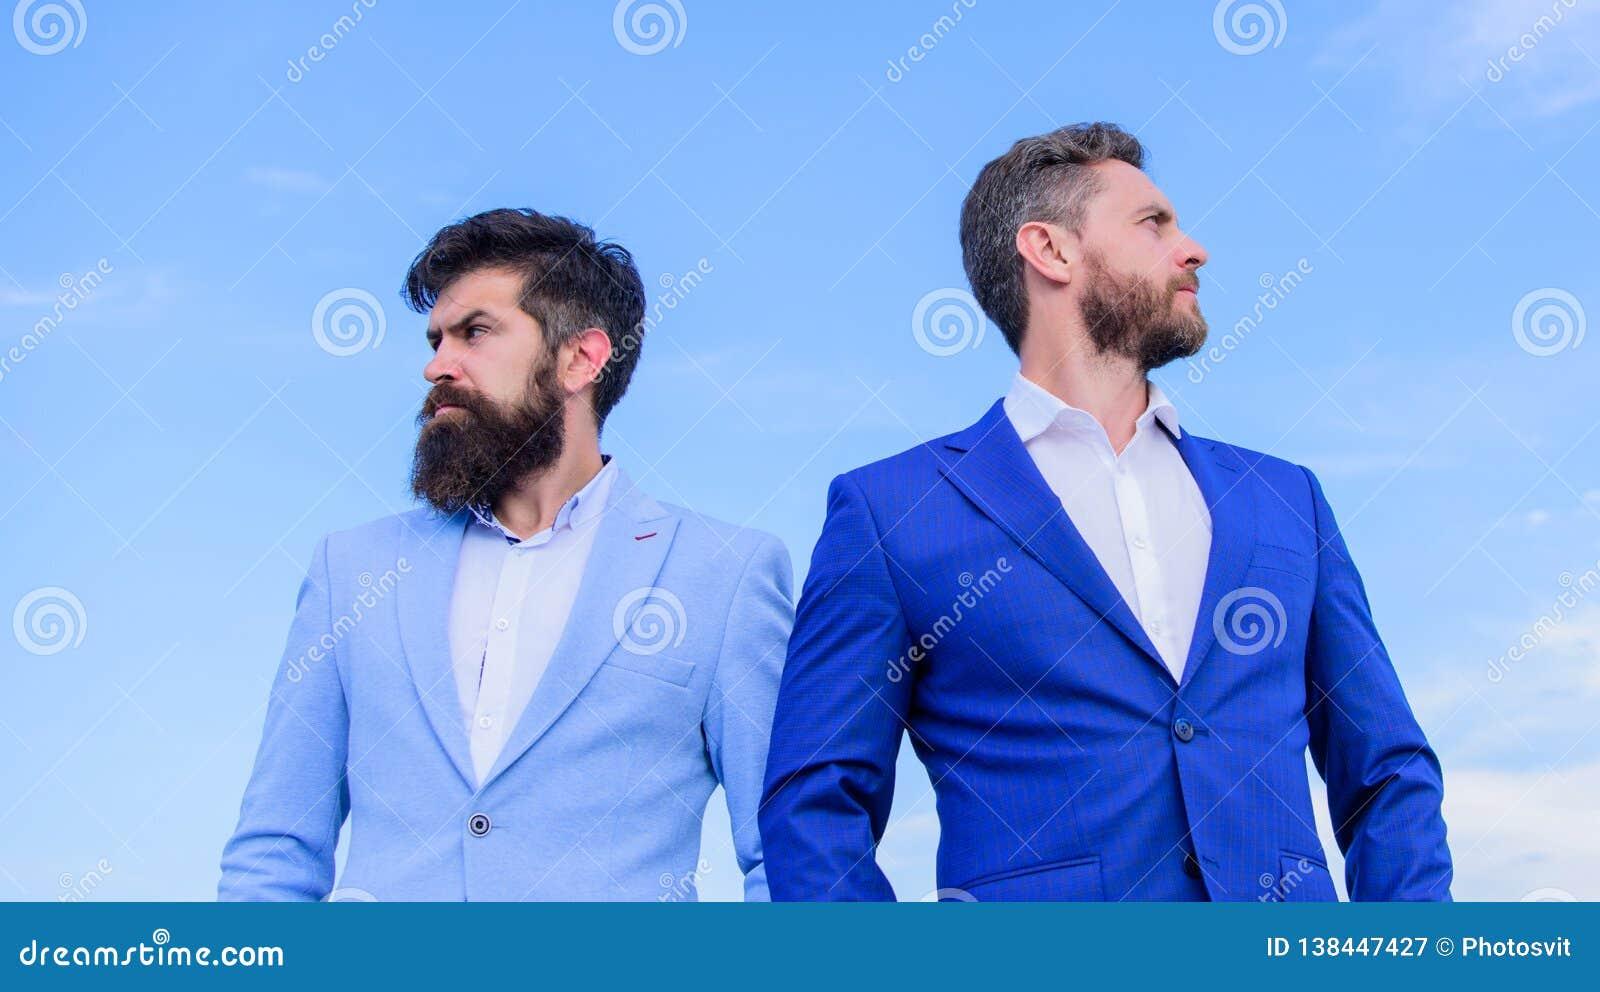 El aspecto preparado bien mejora al empresario de la reputación del negocio Hombres de negocios barbudos que presentan con confia